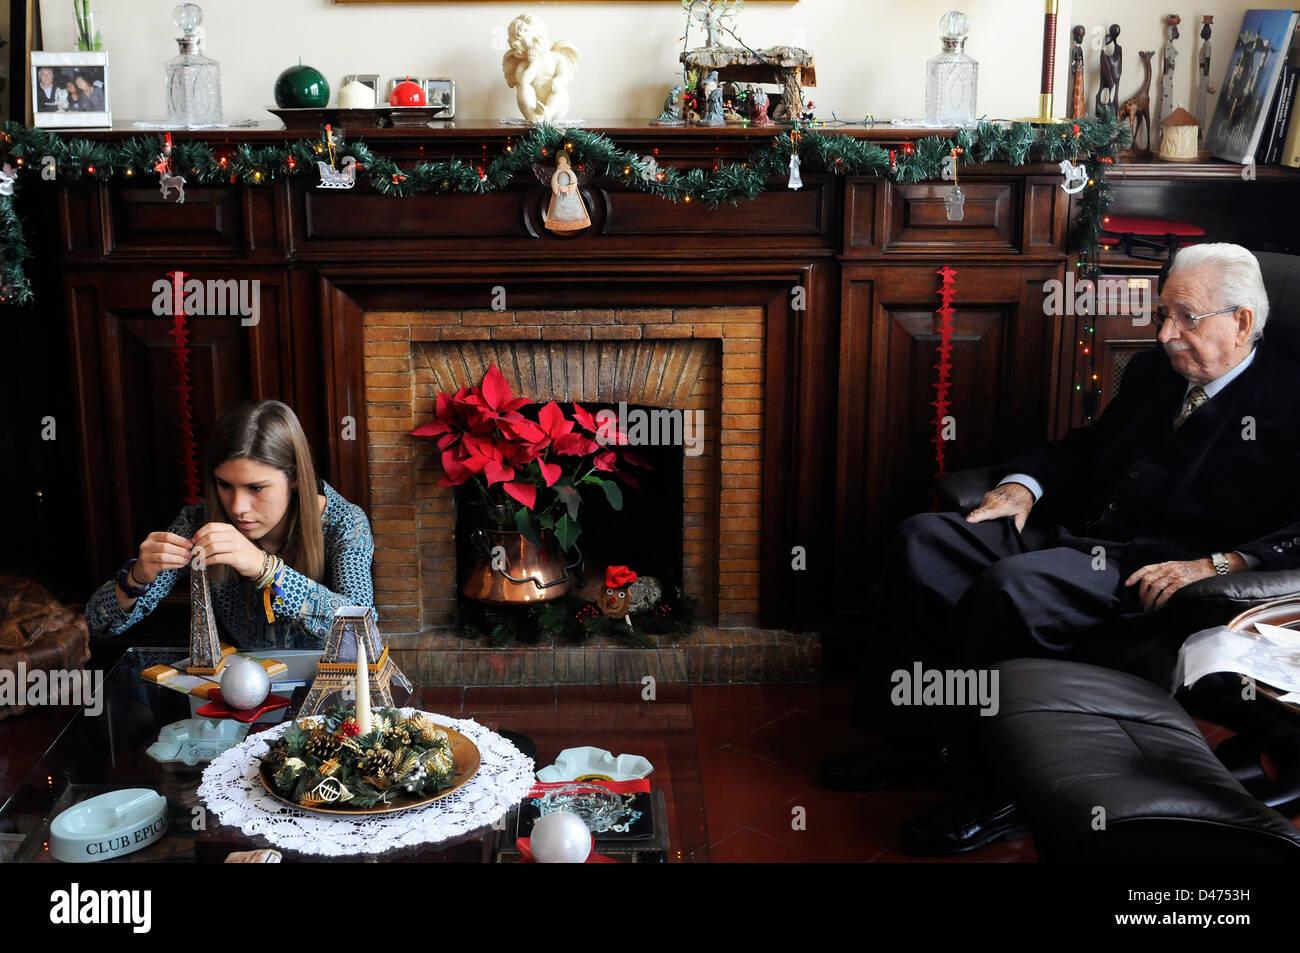 Grand-père et de la jeune fille à la Saint Nicolas Noël Noël , Noel Photo Stock